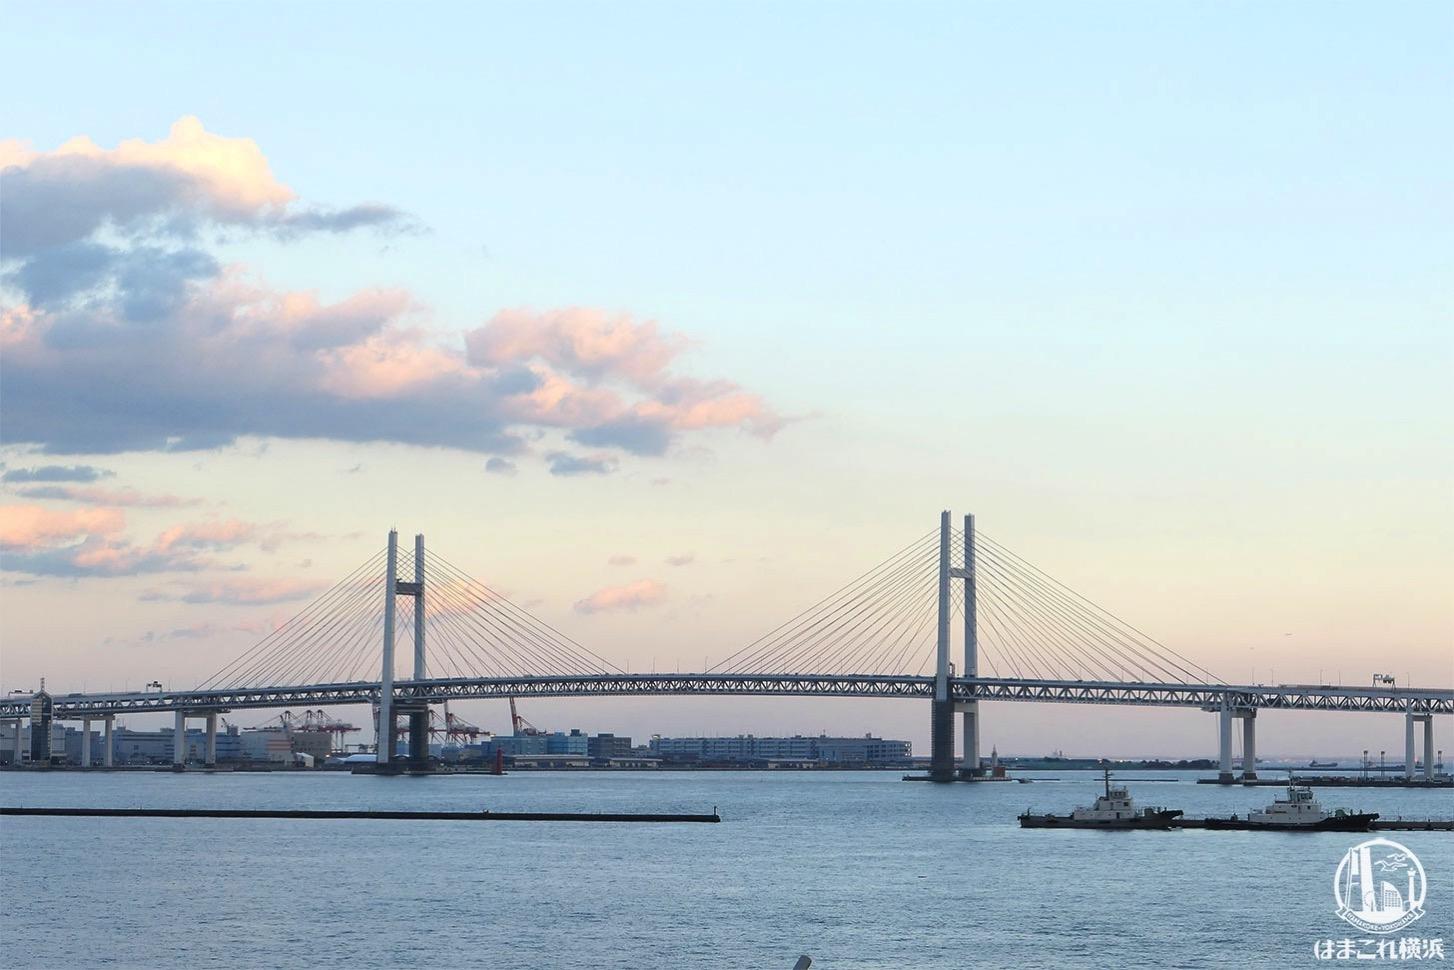 横浜港大さん橋国際客船ターミナル 屋上から見た横浜ベイブリッジ